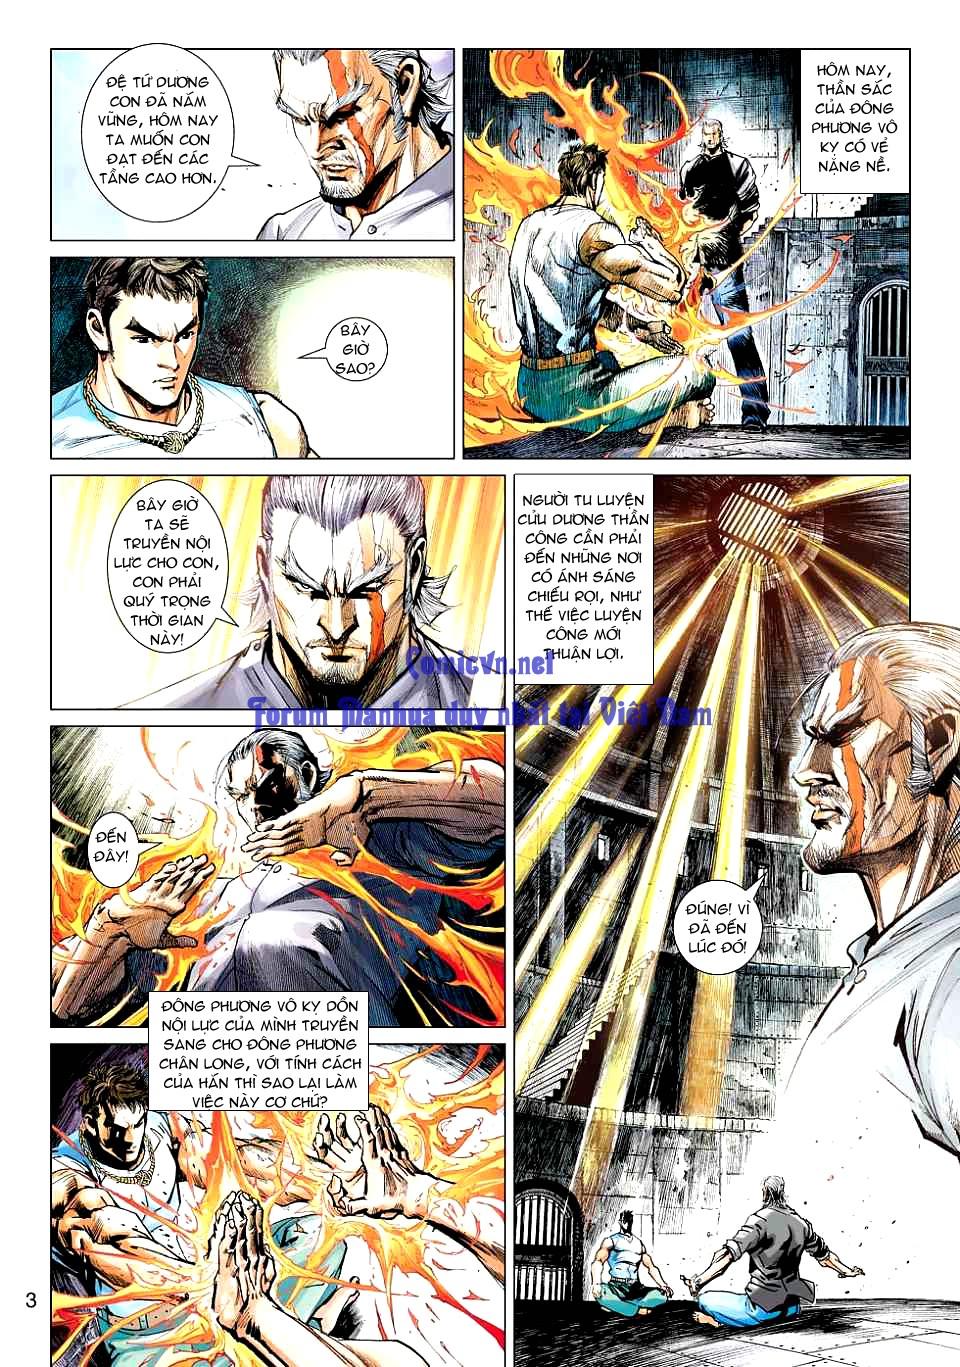 Vương Phong Lôi 1 chap 12 - Trang 3